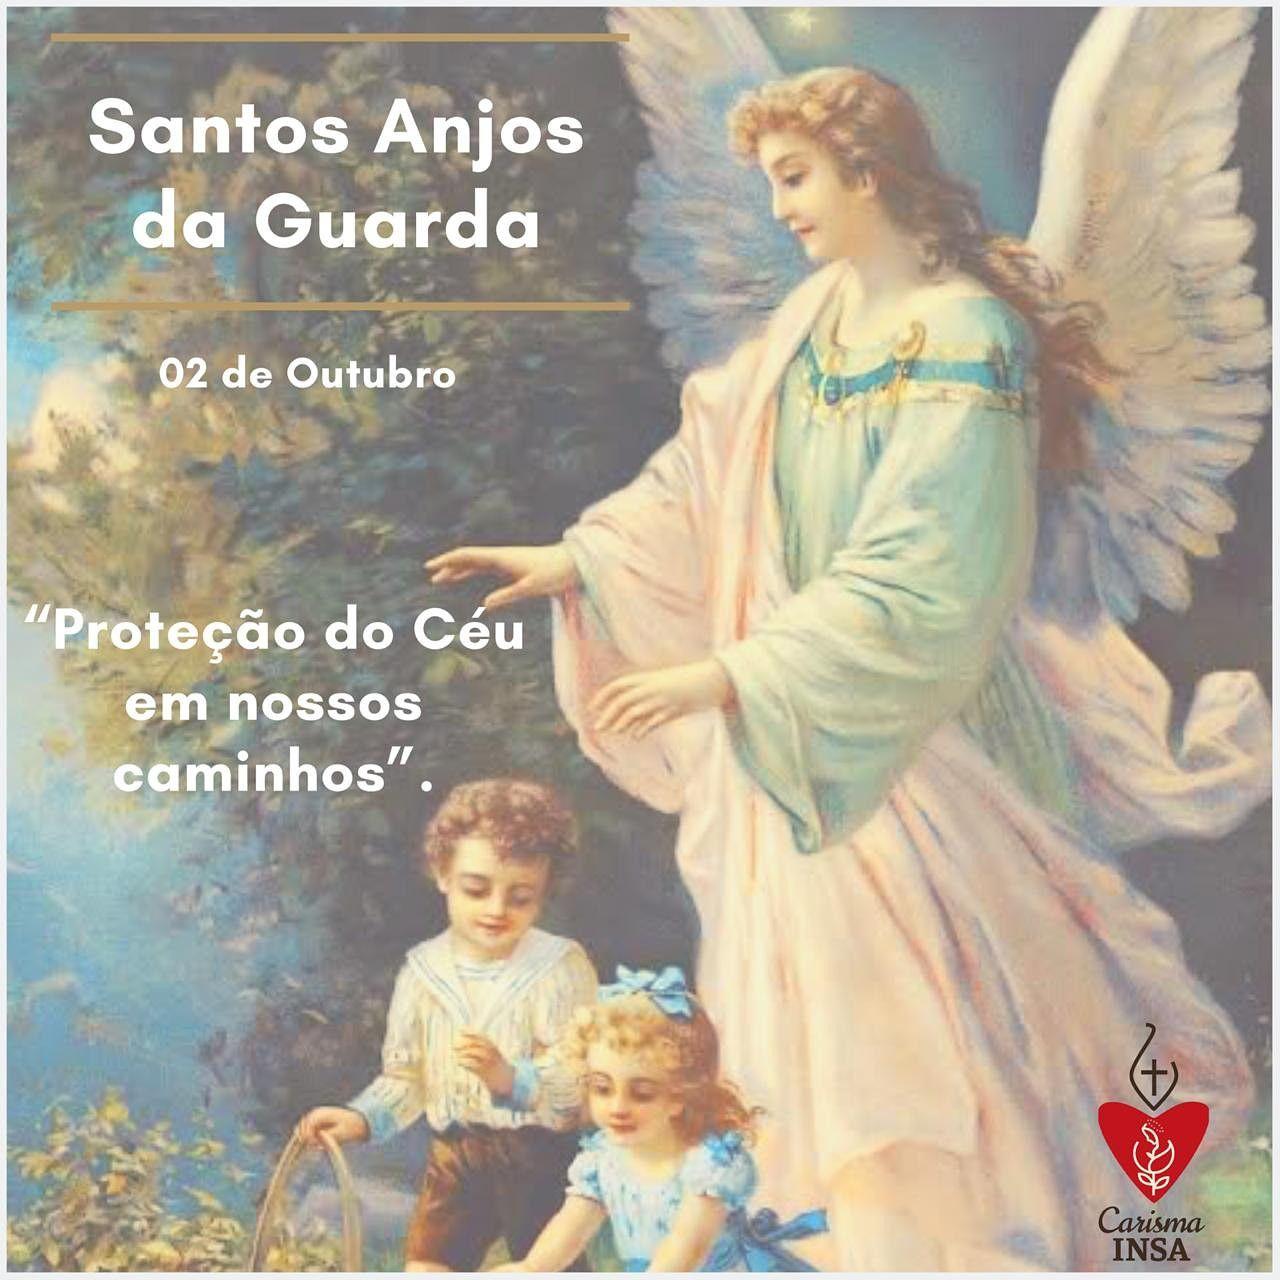 Carisma Insa E Os Santos Anjos Da Guarda Ave Maria Dia 2 De